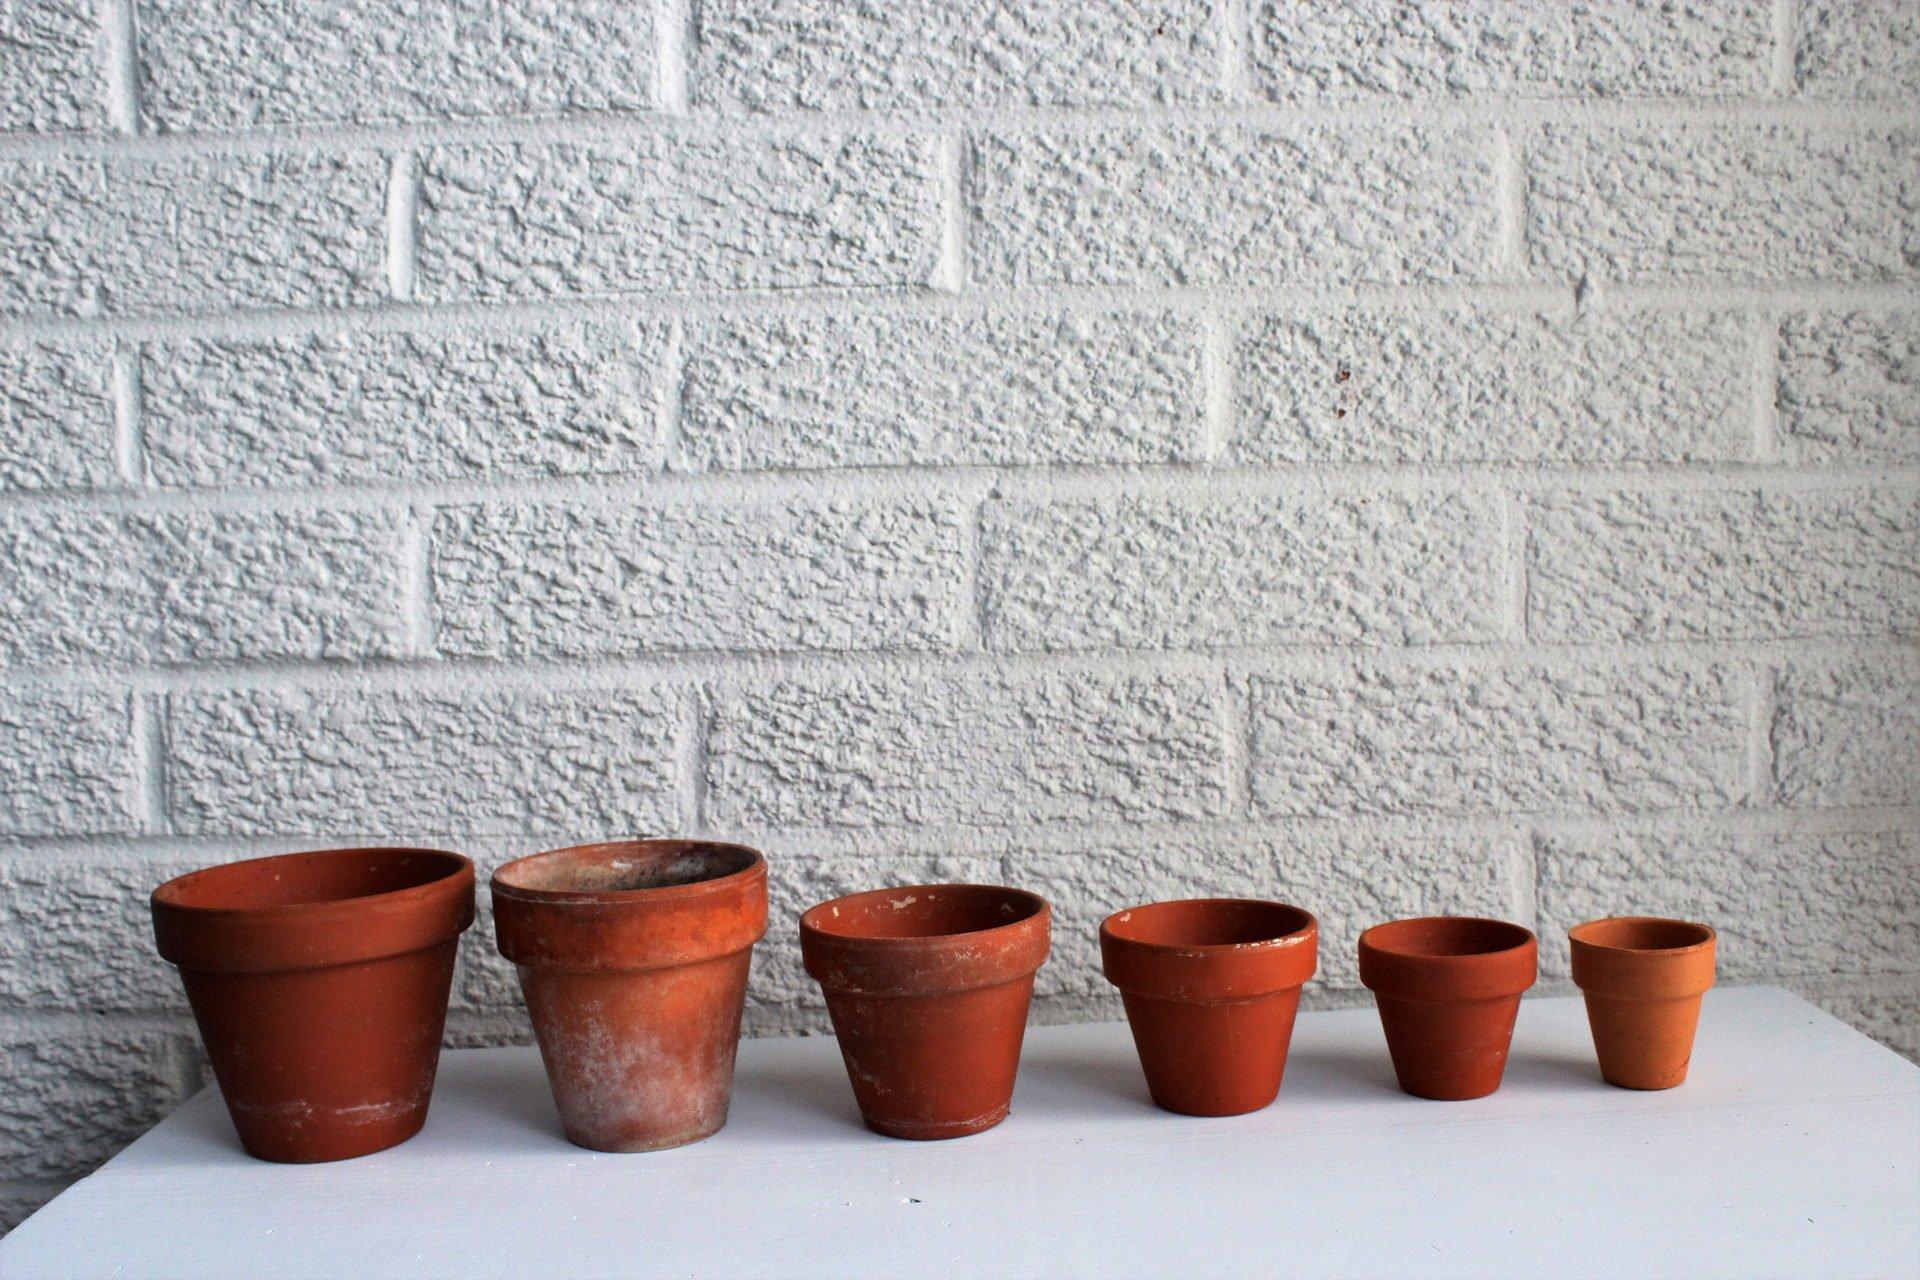 ascending sizes of pots